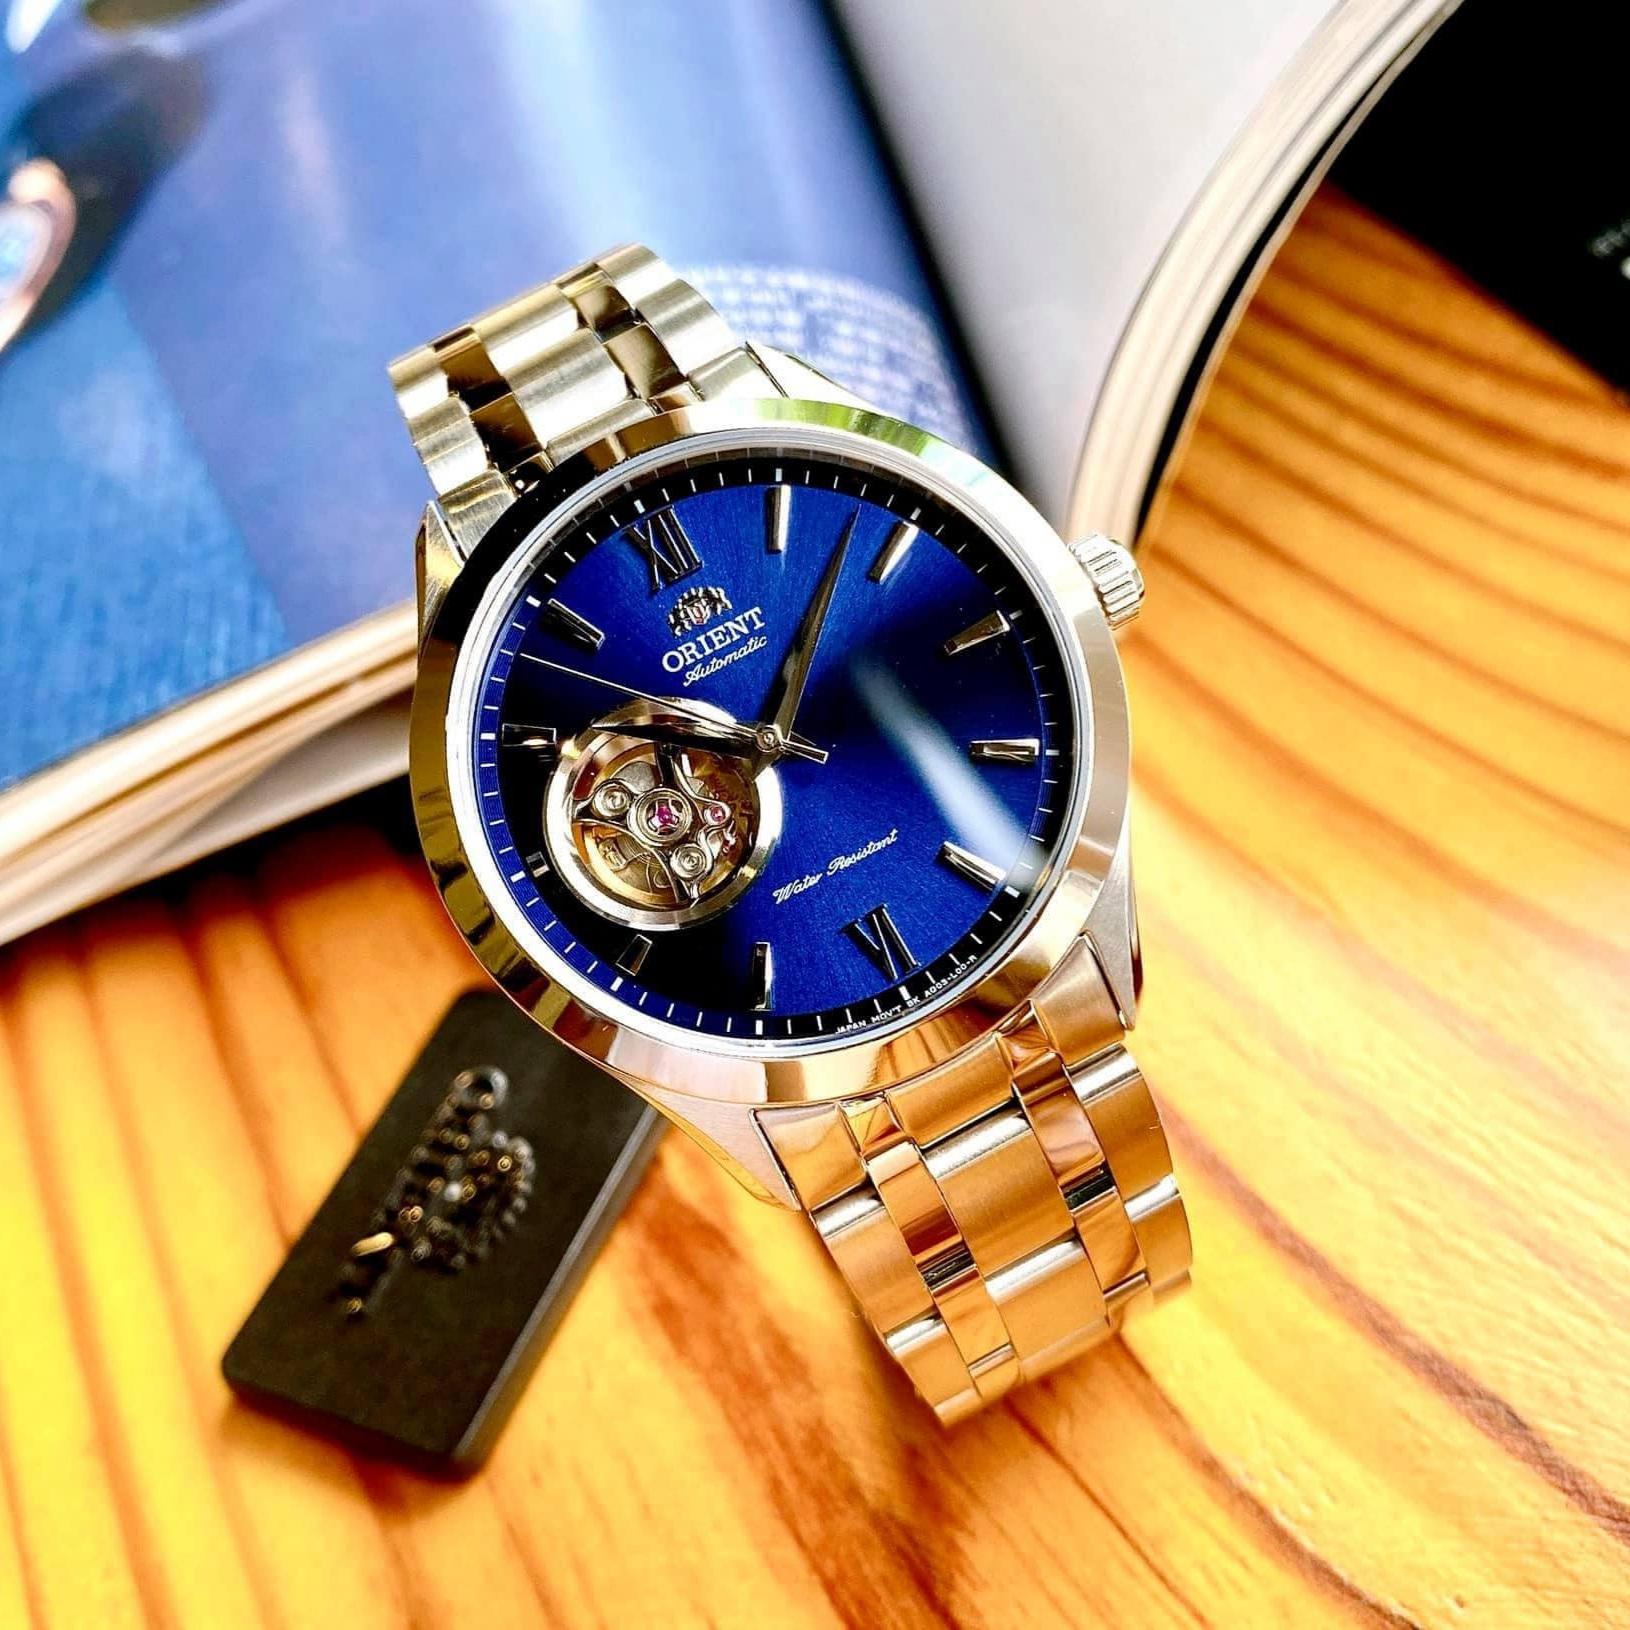 Đồng hồ Nam Orient Open Heart/Hở tim FAG03001D0 Automatic Mặt xanh,Kính Sapphire-Máy cơ tự động-Dây kim loại cao cấp-Size 39mm,vừa...